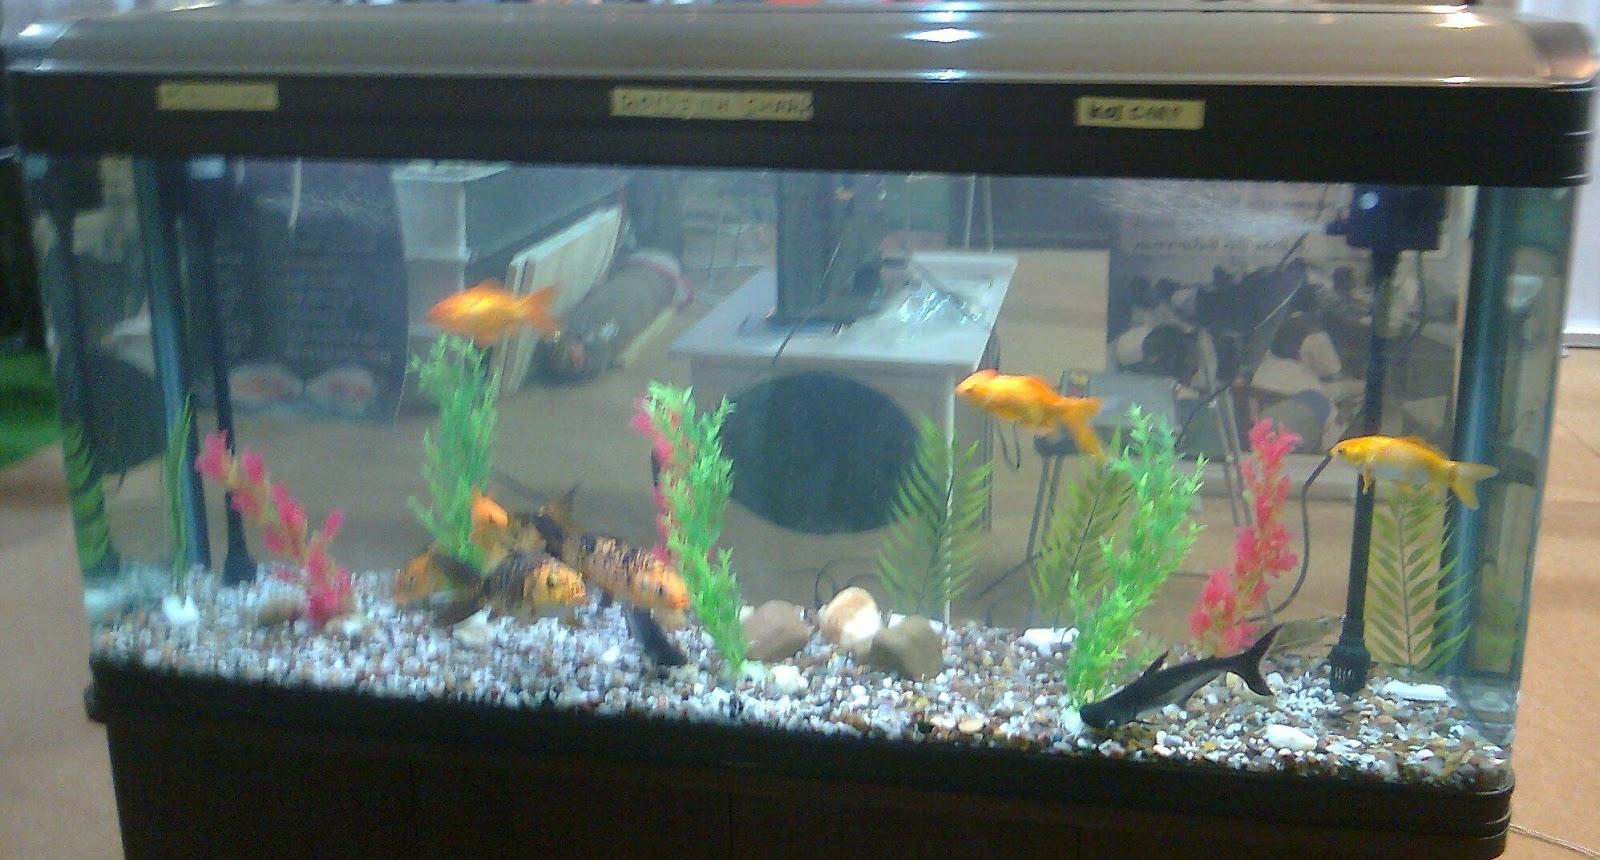 Fish aquarium online india - Fish Aquarium Agritech Asia